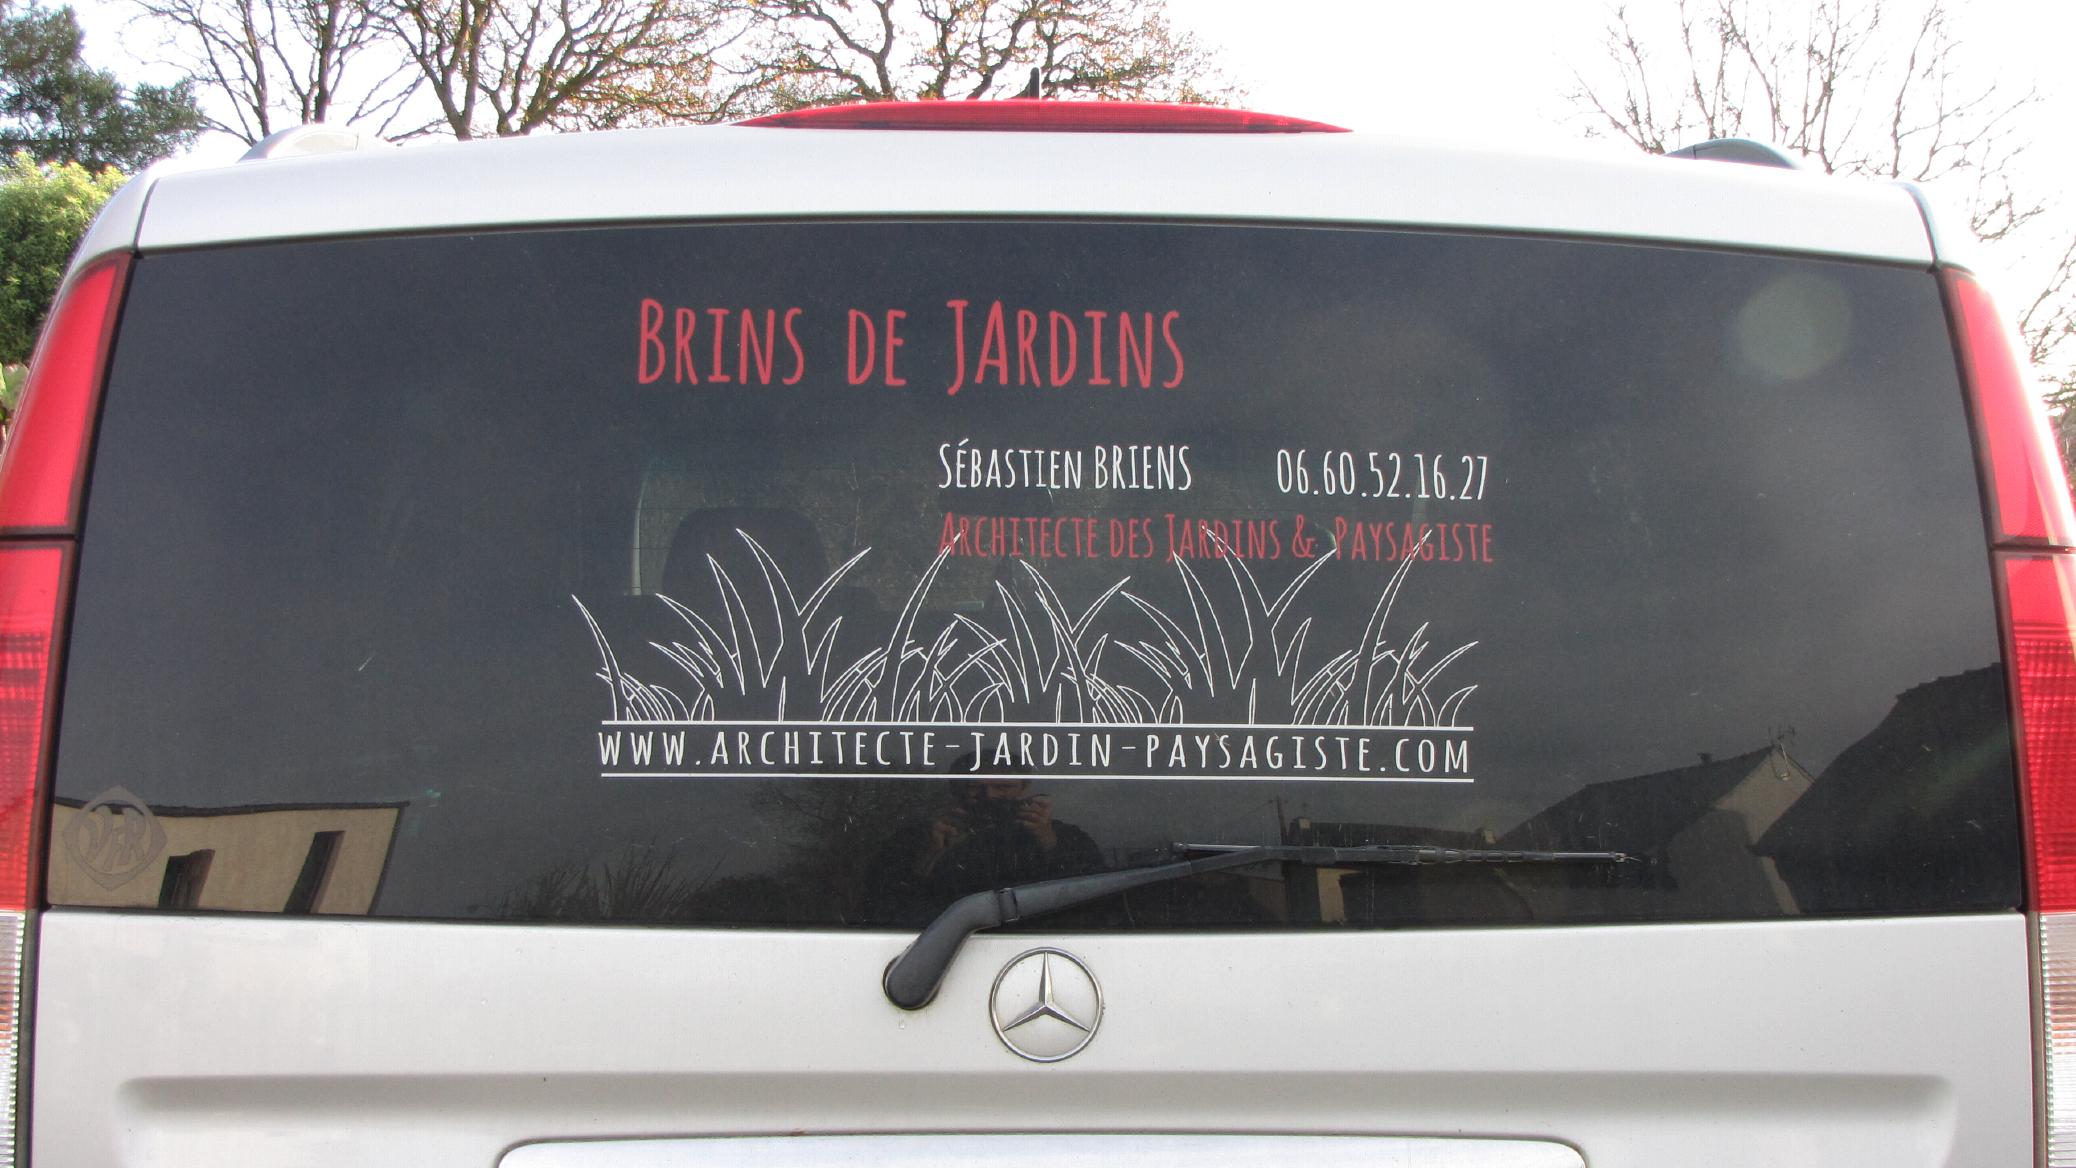 Briens Architecte Paysagiste Identite Visuelle Logotype Signaletique Vehicule Ancien